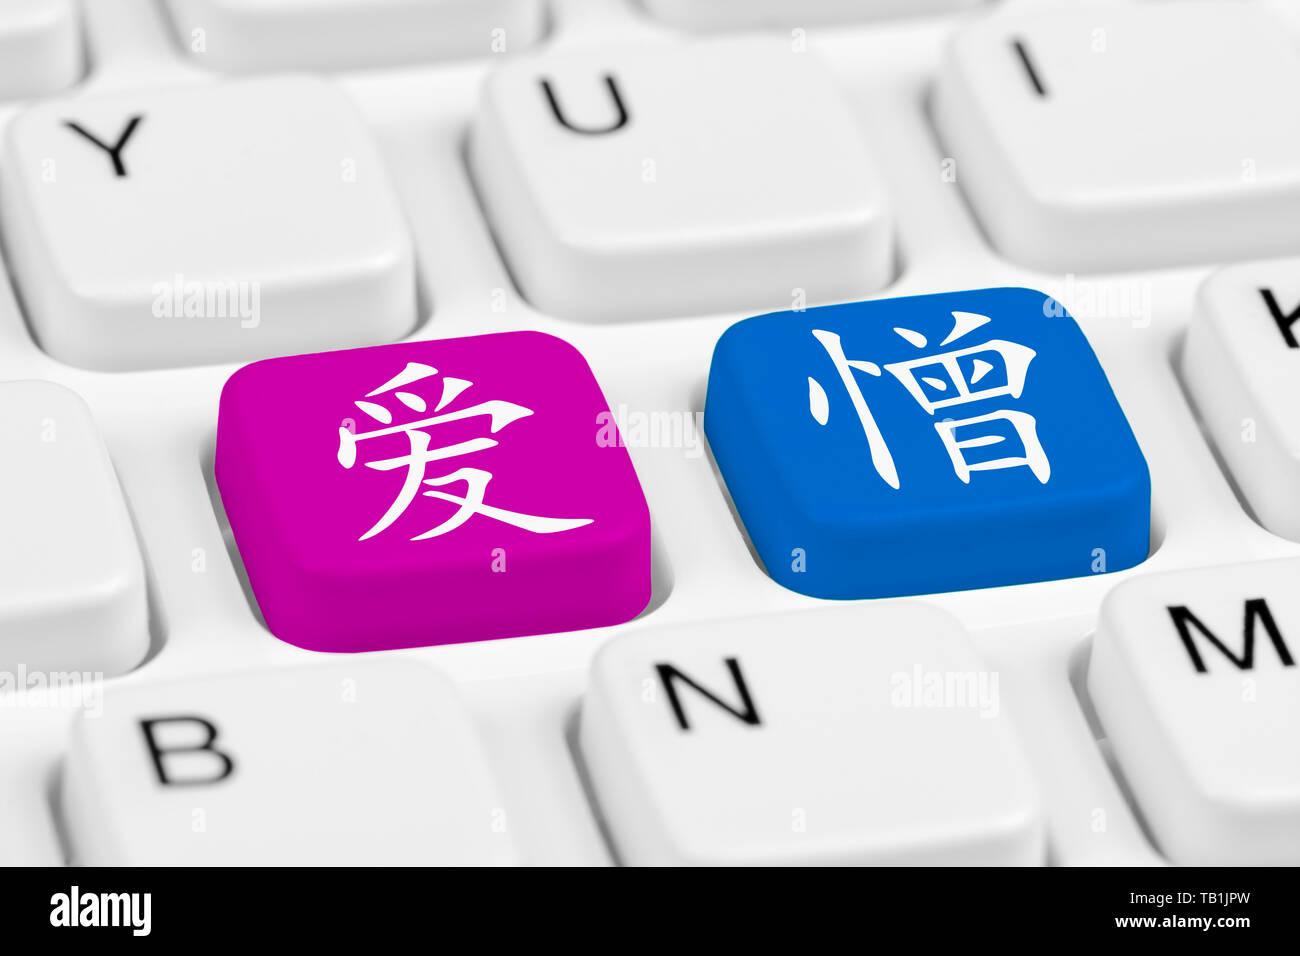 Amore e Odio (爱 e 讨厌, 爱与恨) pulsanti sulla tastiera di un computer, utilizzando il cinese semplificato (Mandarino) caratteri. Amore odio concetto. Immagini Stock